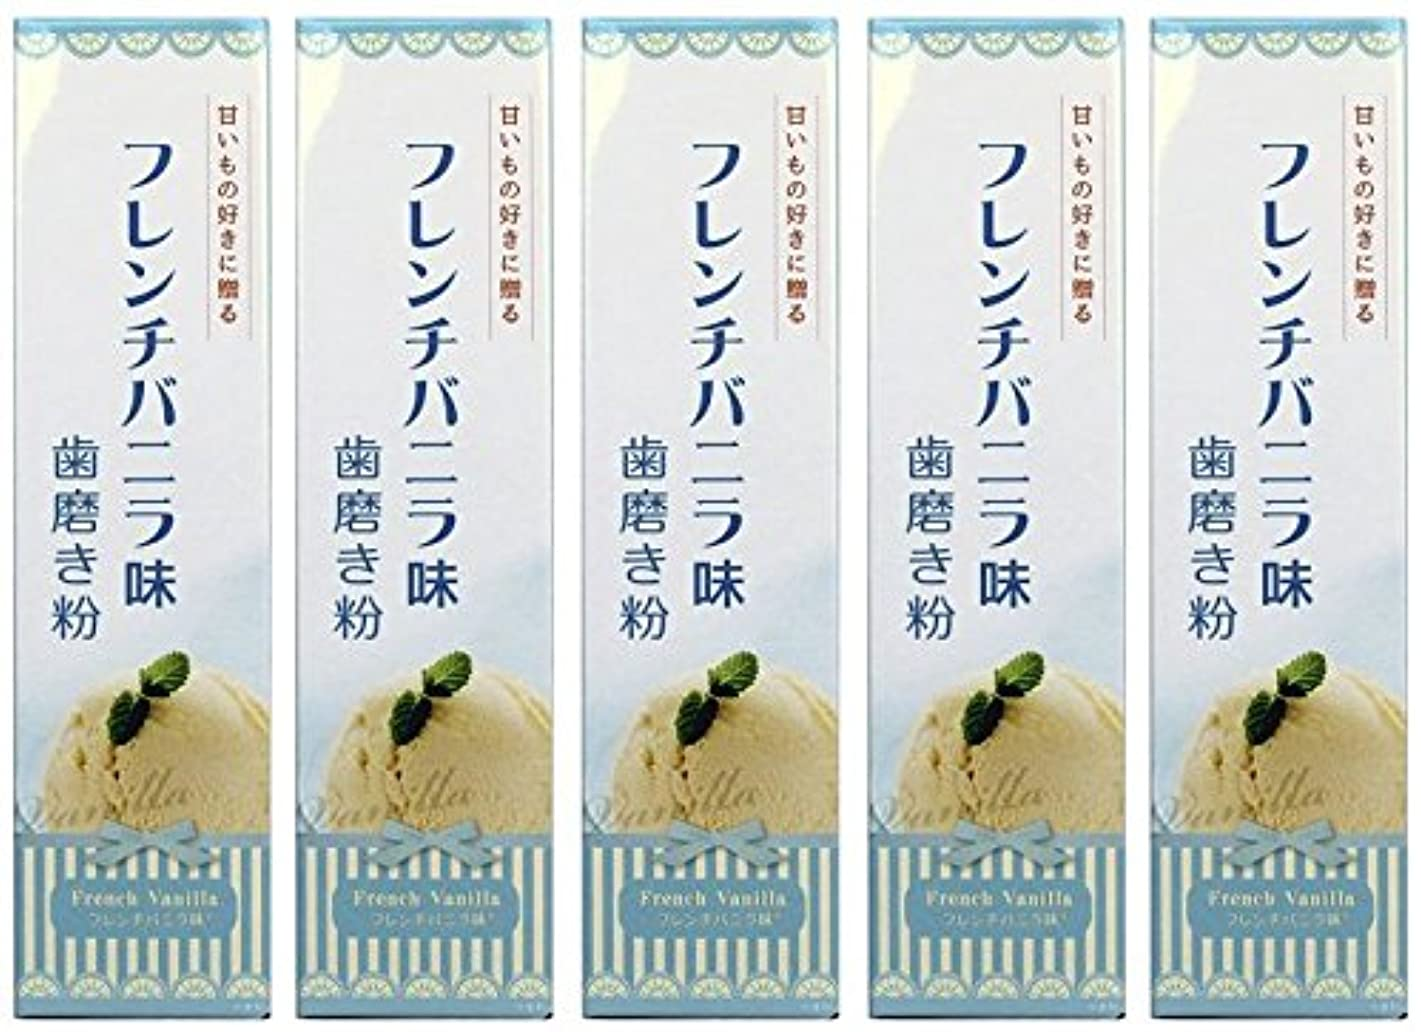 切り下げ運命的な気取らないSWEETS 歯磨き粉 バニラ味 70g (5本)